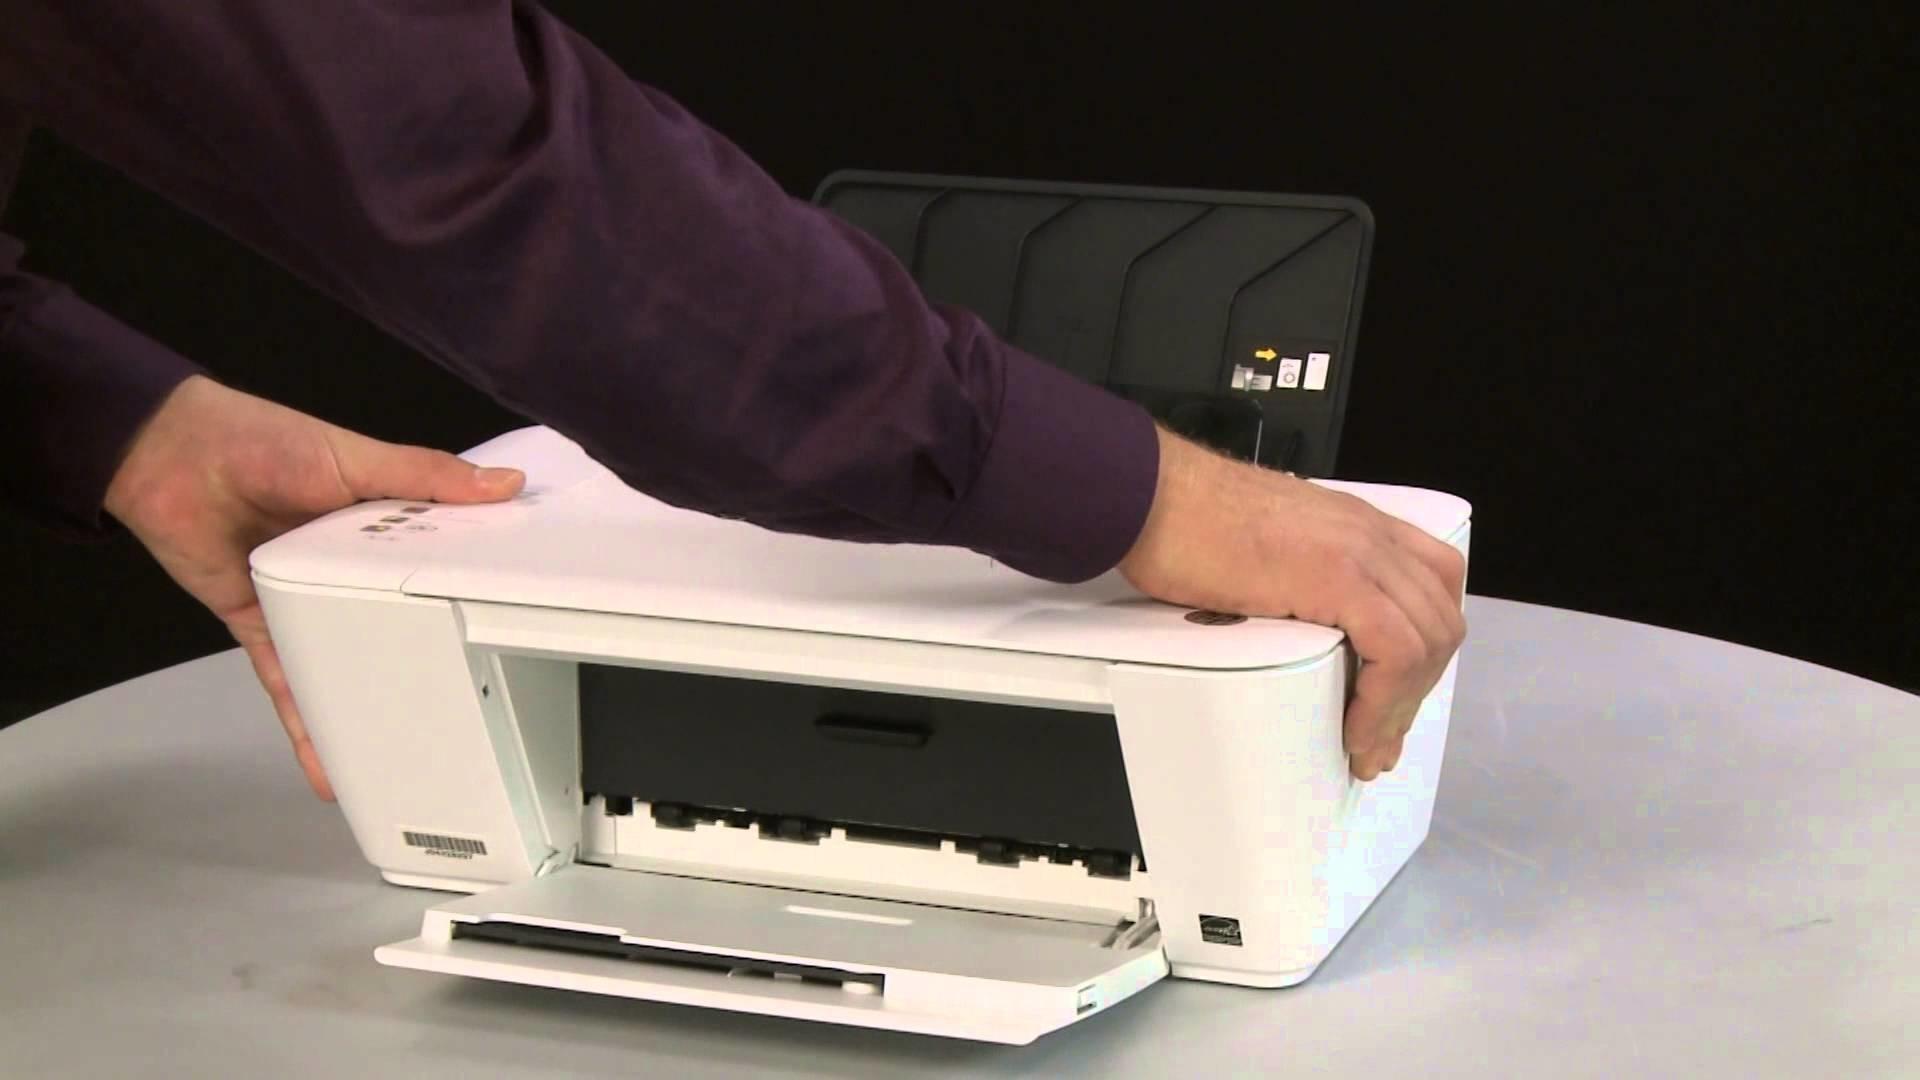 Почему не печатает принтер hp с компьютера 72